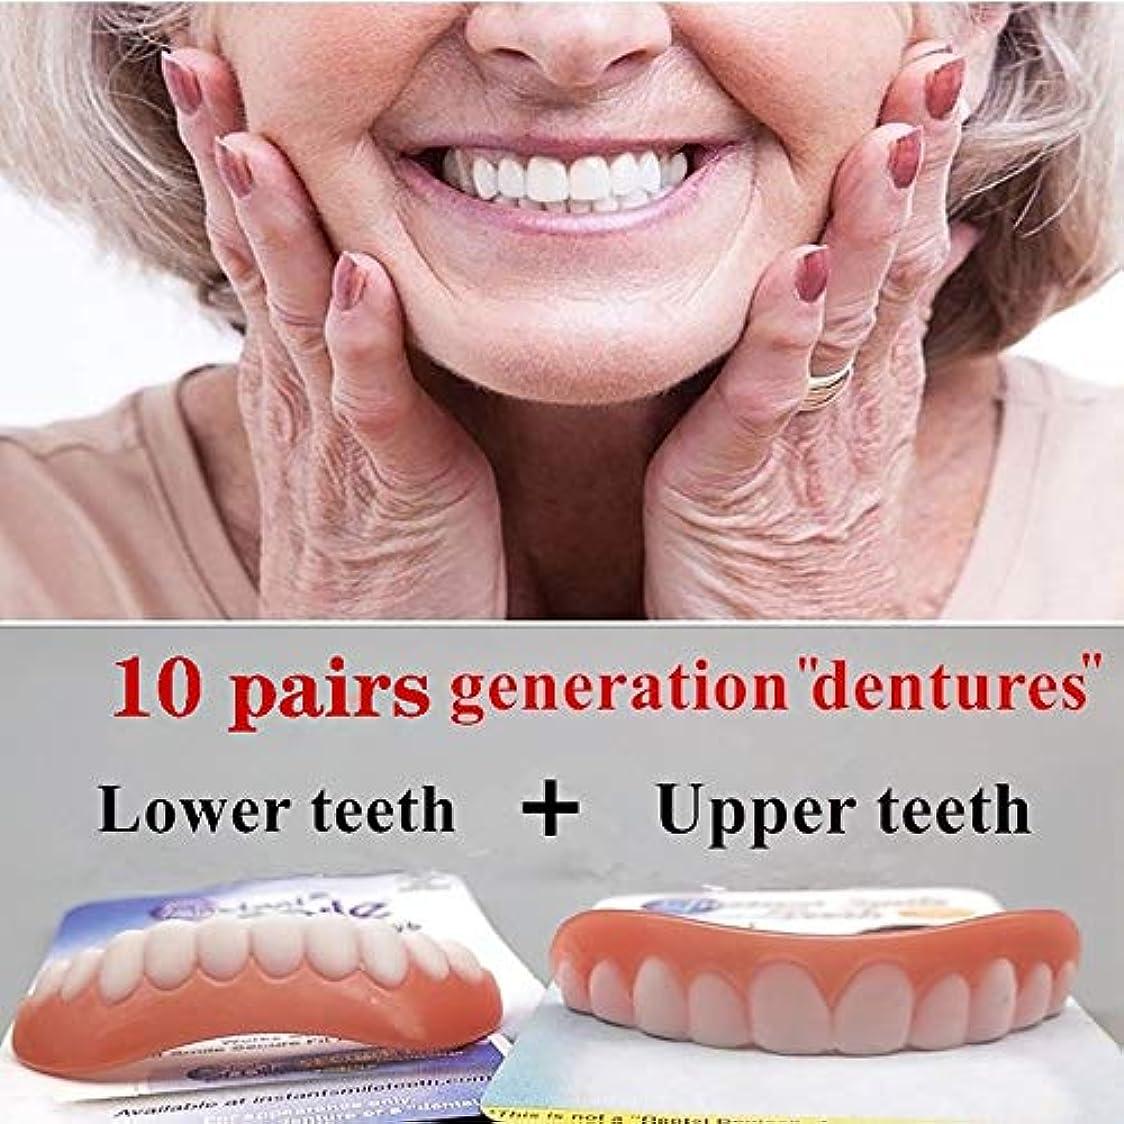 立方体一緒電信20個の歯の快適さフィットフレックス化粧品の歯義歯の歯のトップ化粧品のベニヤシミュレーションブレース新しい